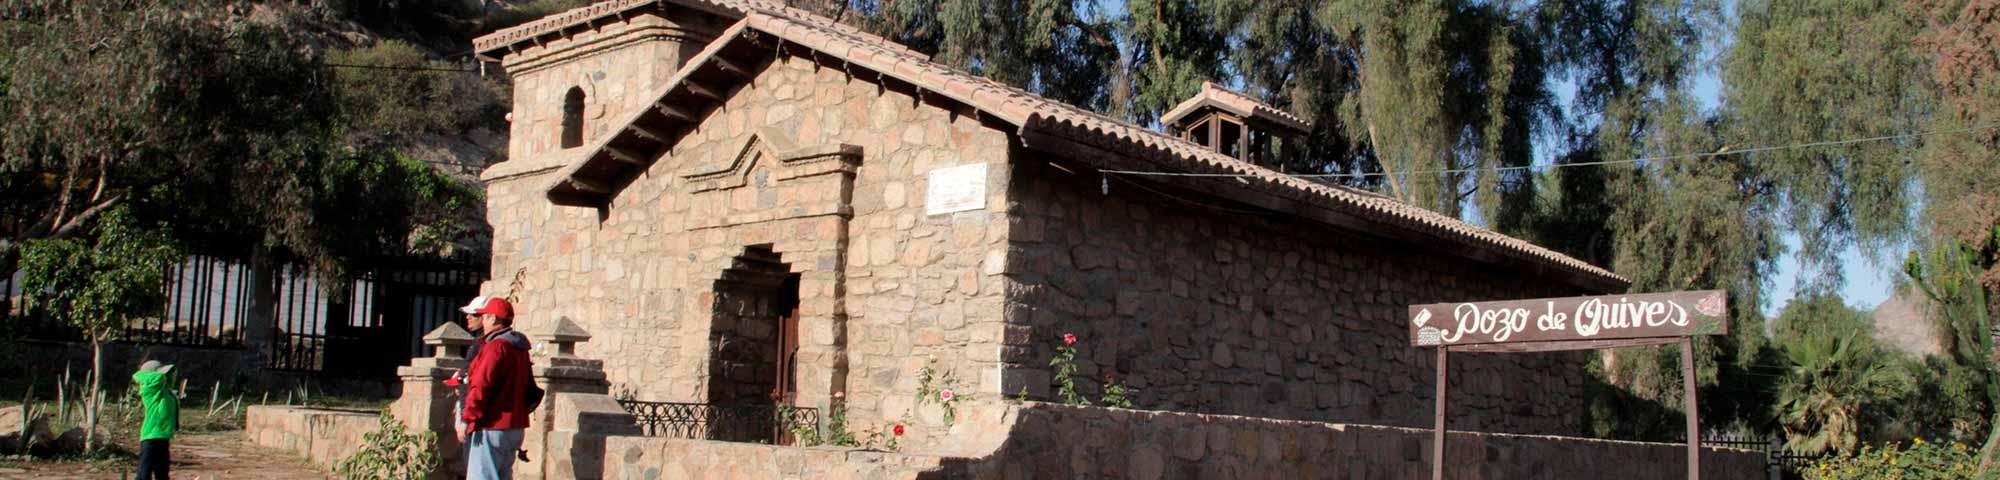 Santa Rosa de Quives